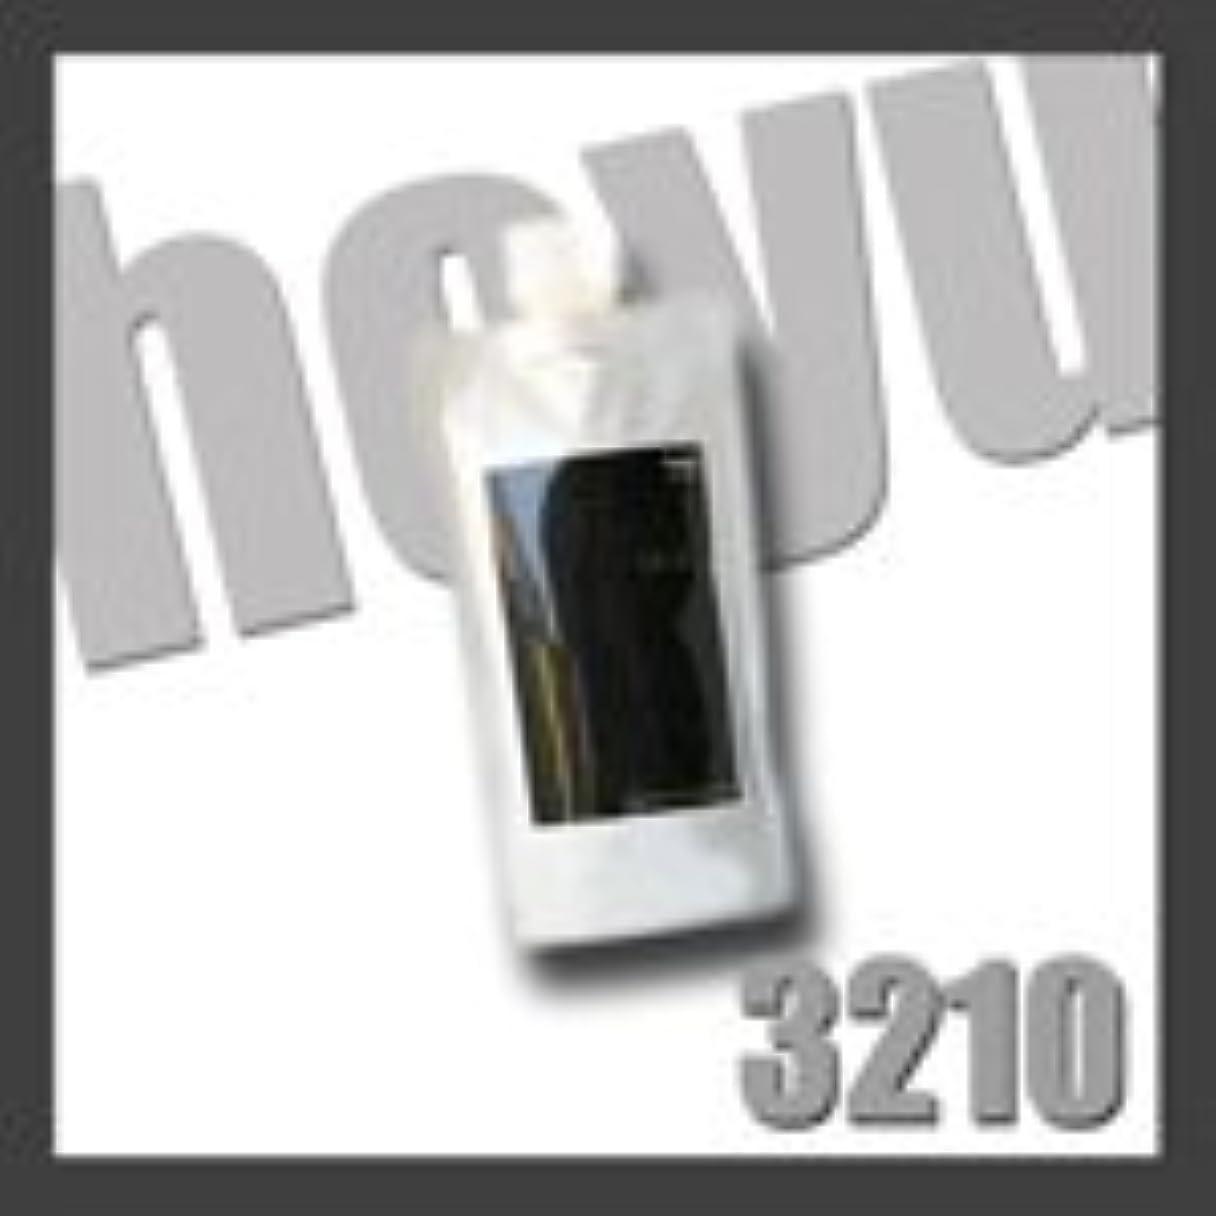 悪意矛盾斧HOYU ホーユー 3210 ミニーレ ウルトラハード ワックス レフィル 200g 詰替用 フィニッシュワークシリーズ